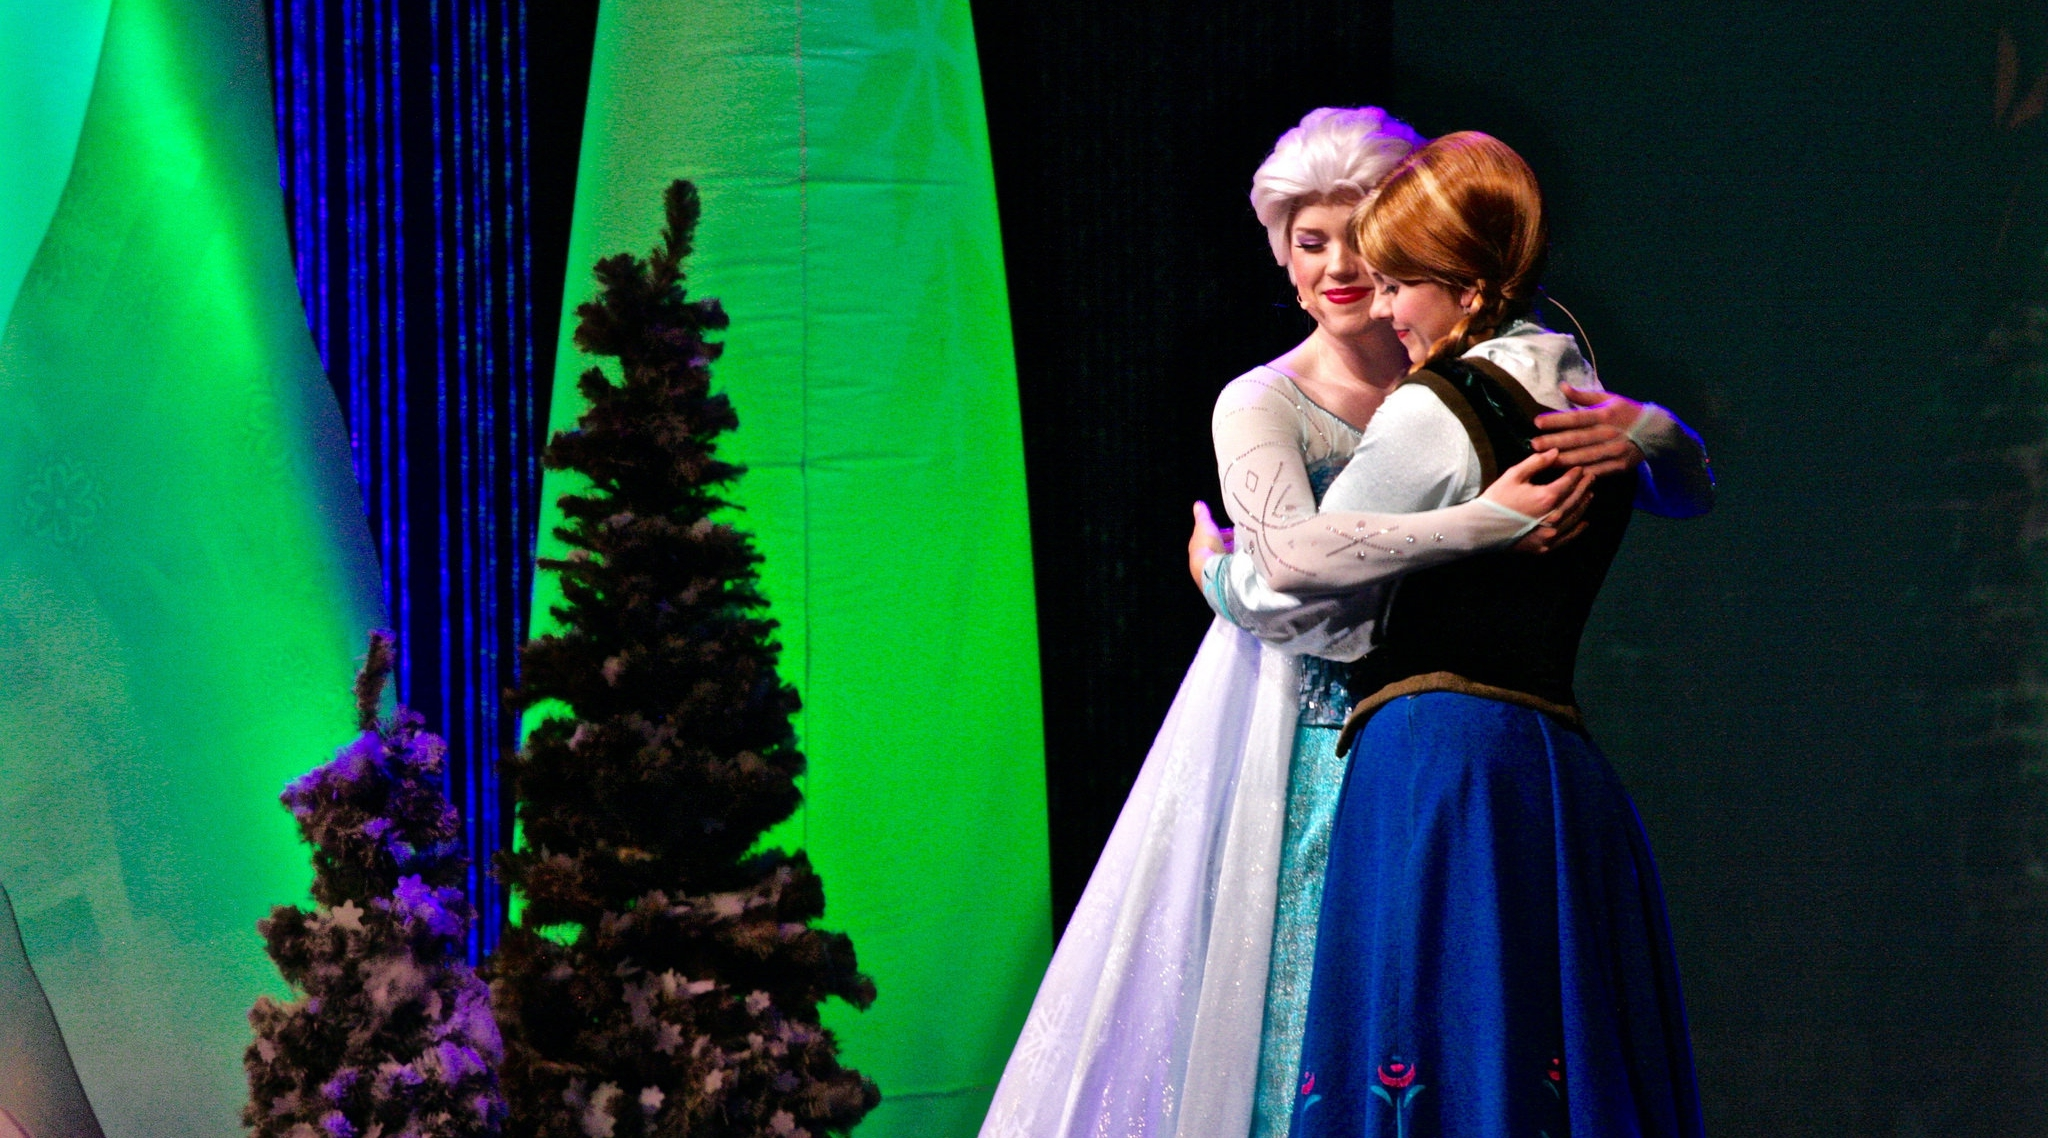 Meet Anna Amp Elsa At Disney World Vacatia